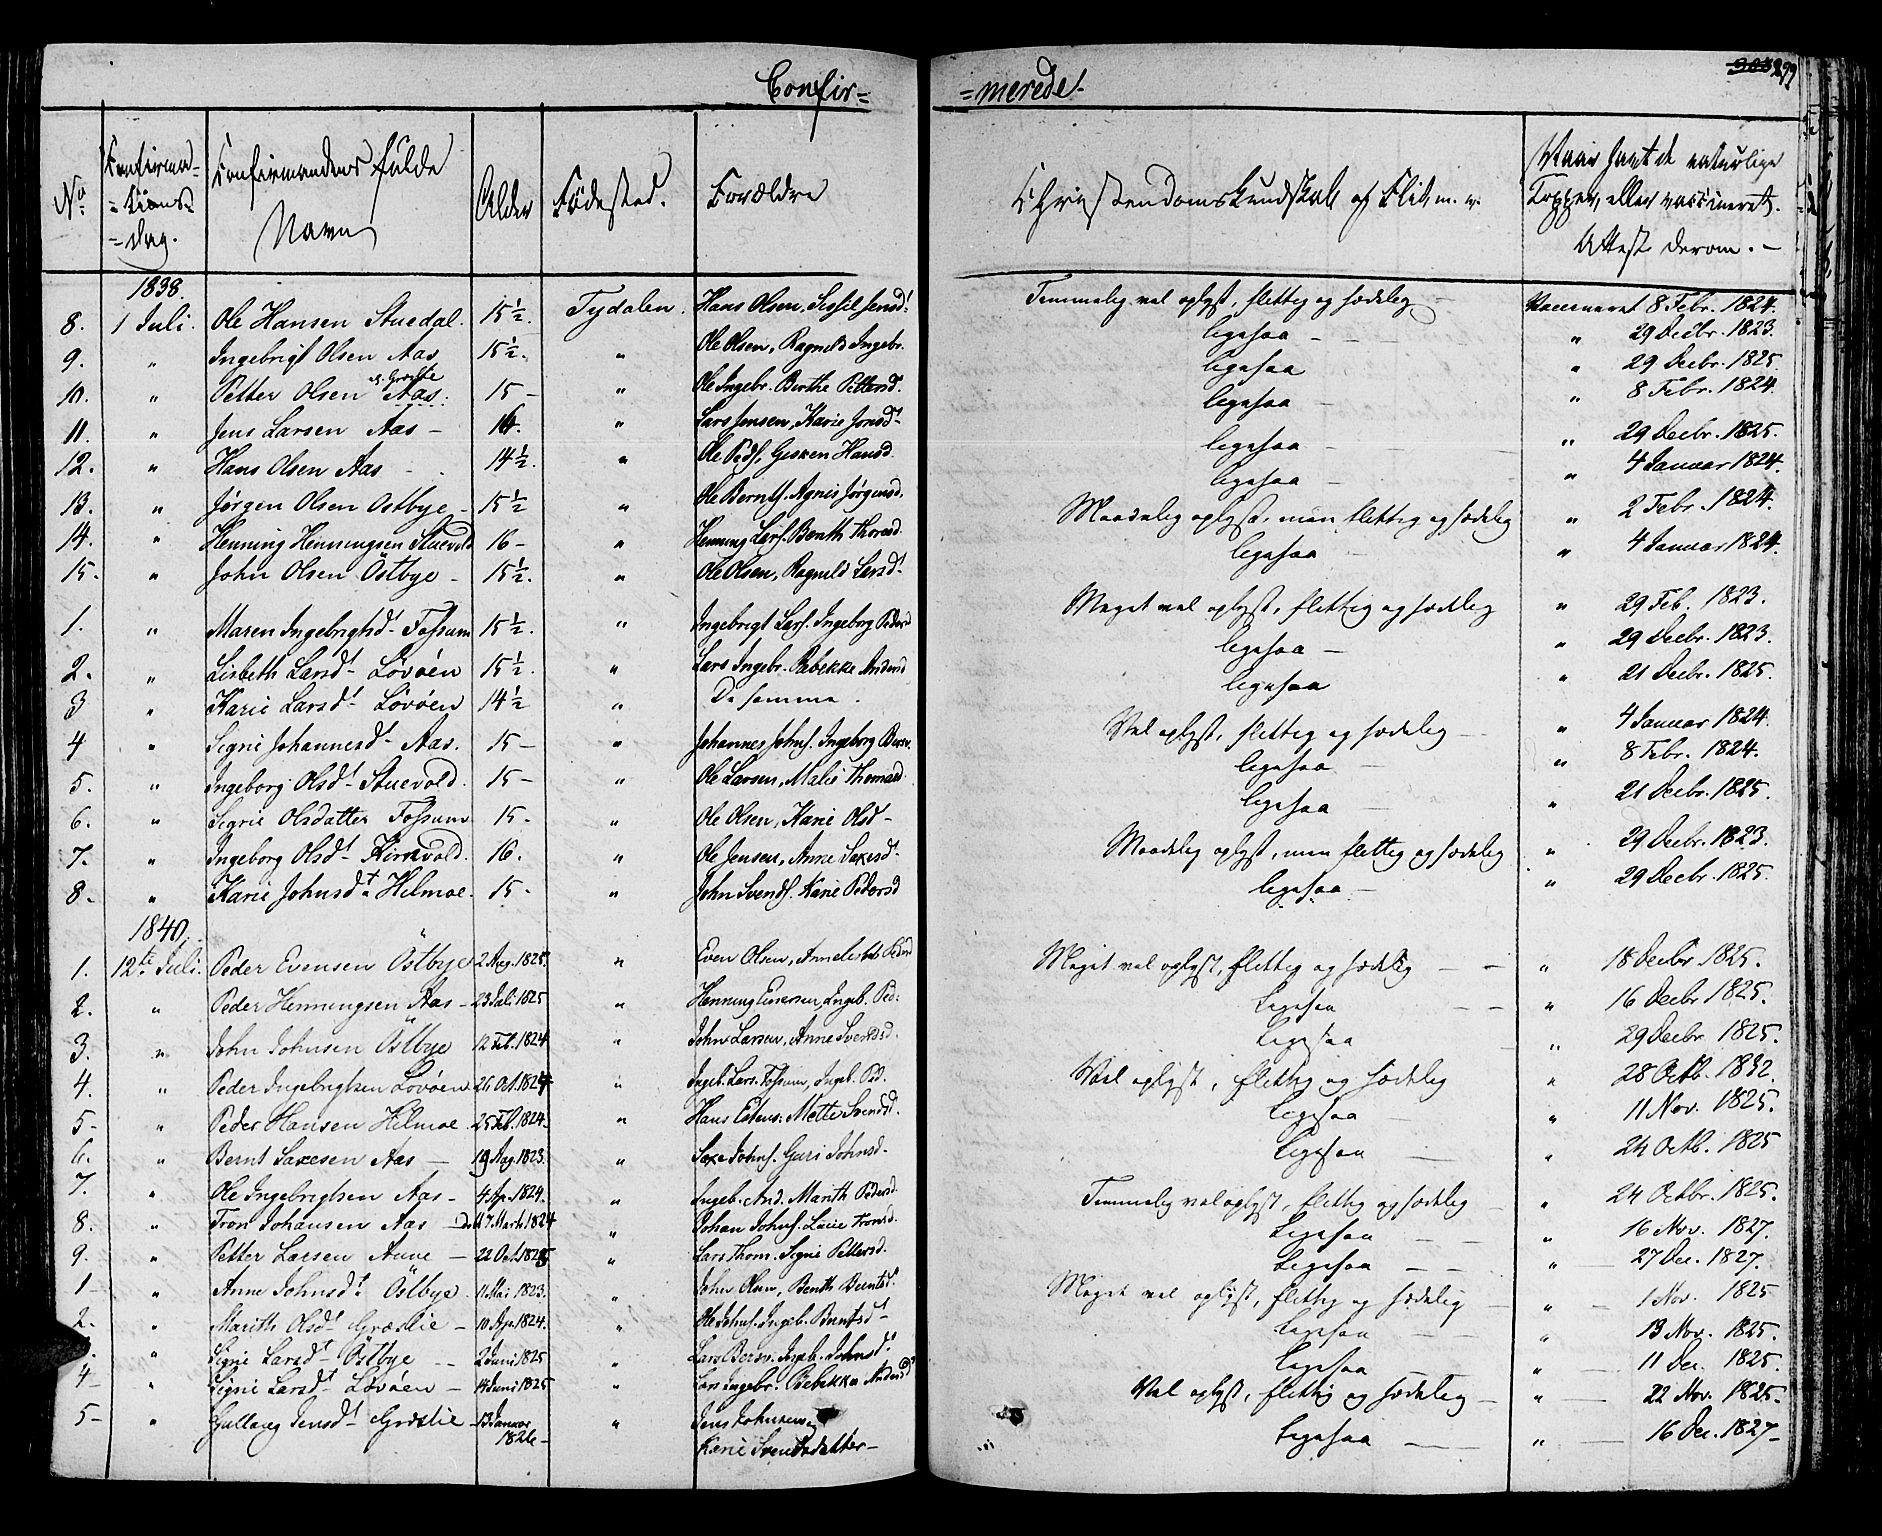 SAT, Ministerialprotokoller, klokkerbøker og fødselsregistre - Sør-Trøndelag, 695/L1144: Ministerialbok nr. 695A05 /2, 1824-1842, s. 299